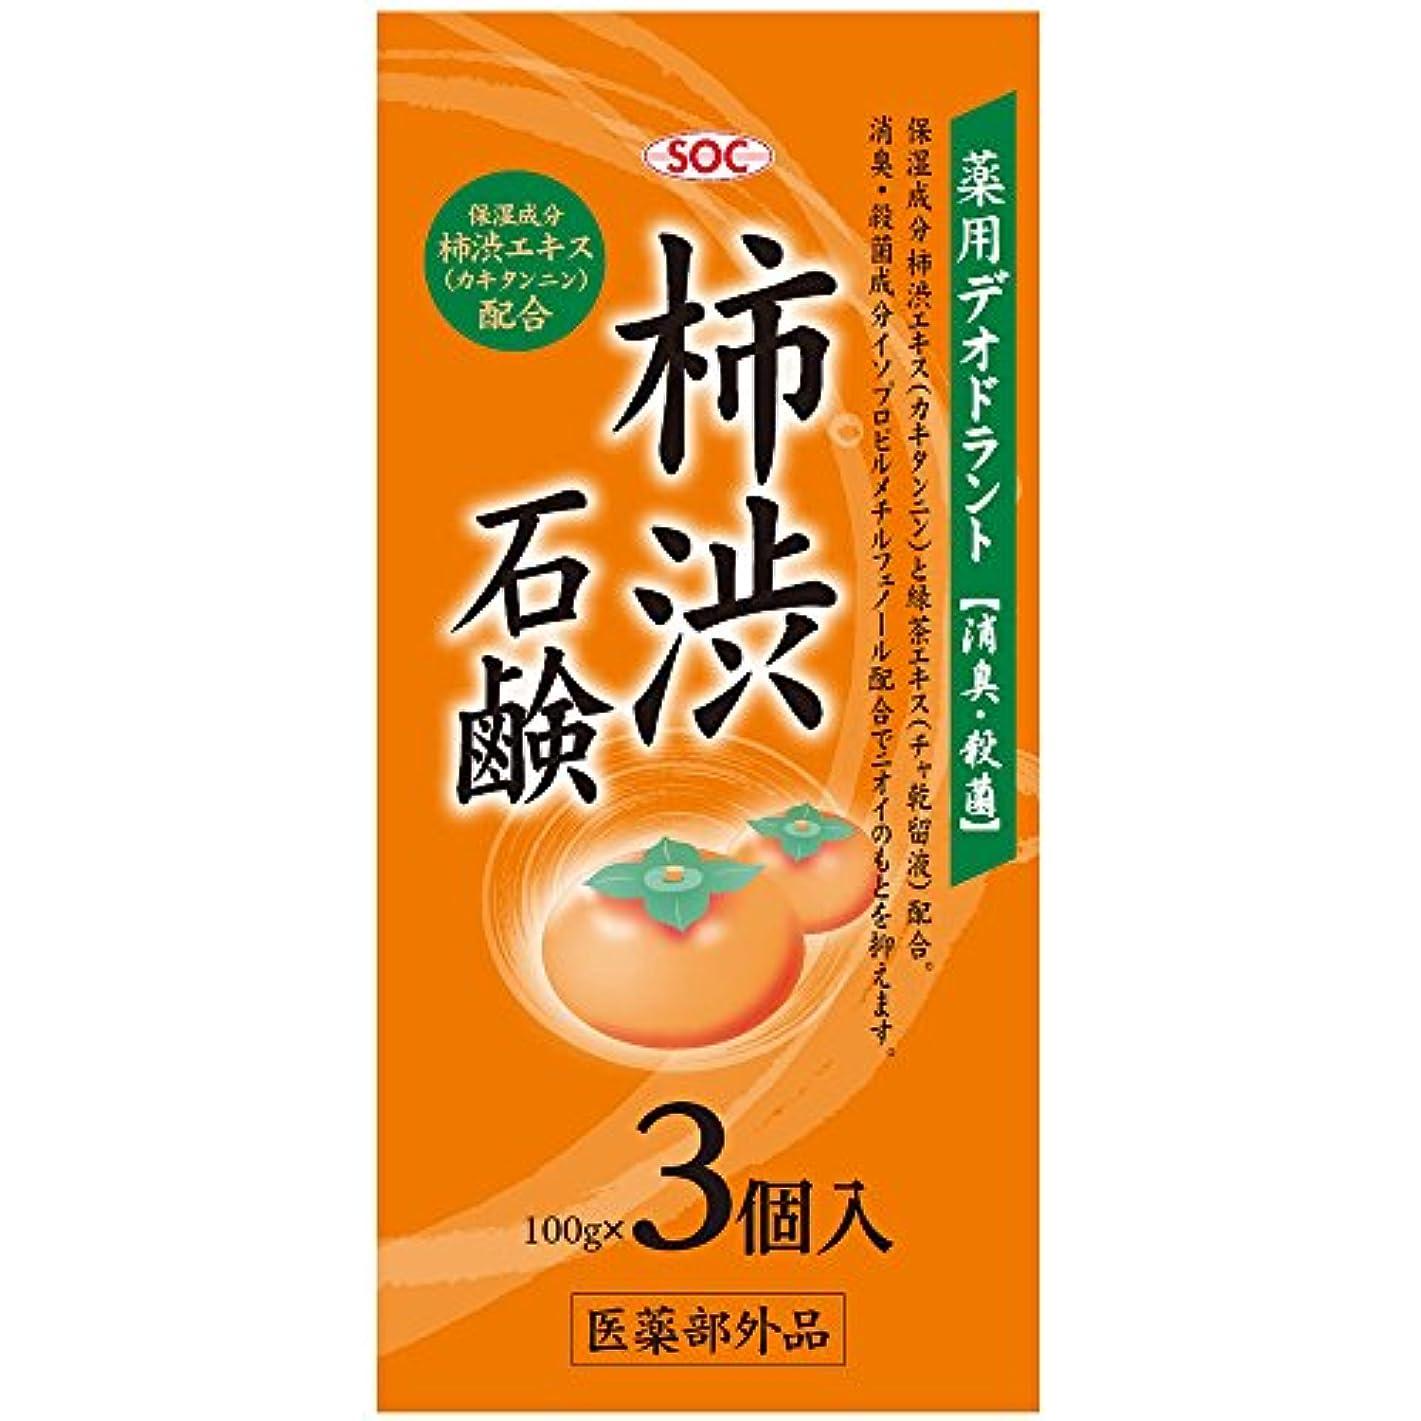 モーテル頭痛遵守するSOC 薬用柿渋石鹸 3P (100g×3)